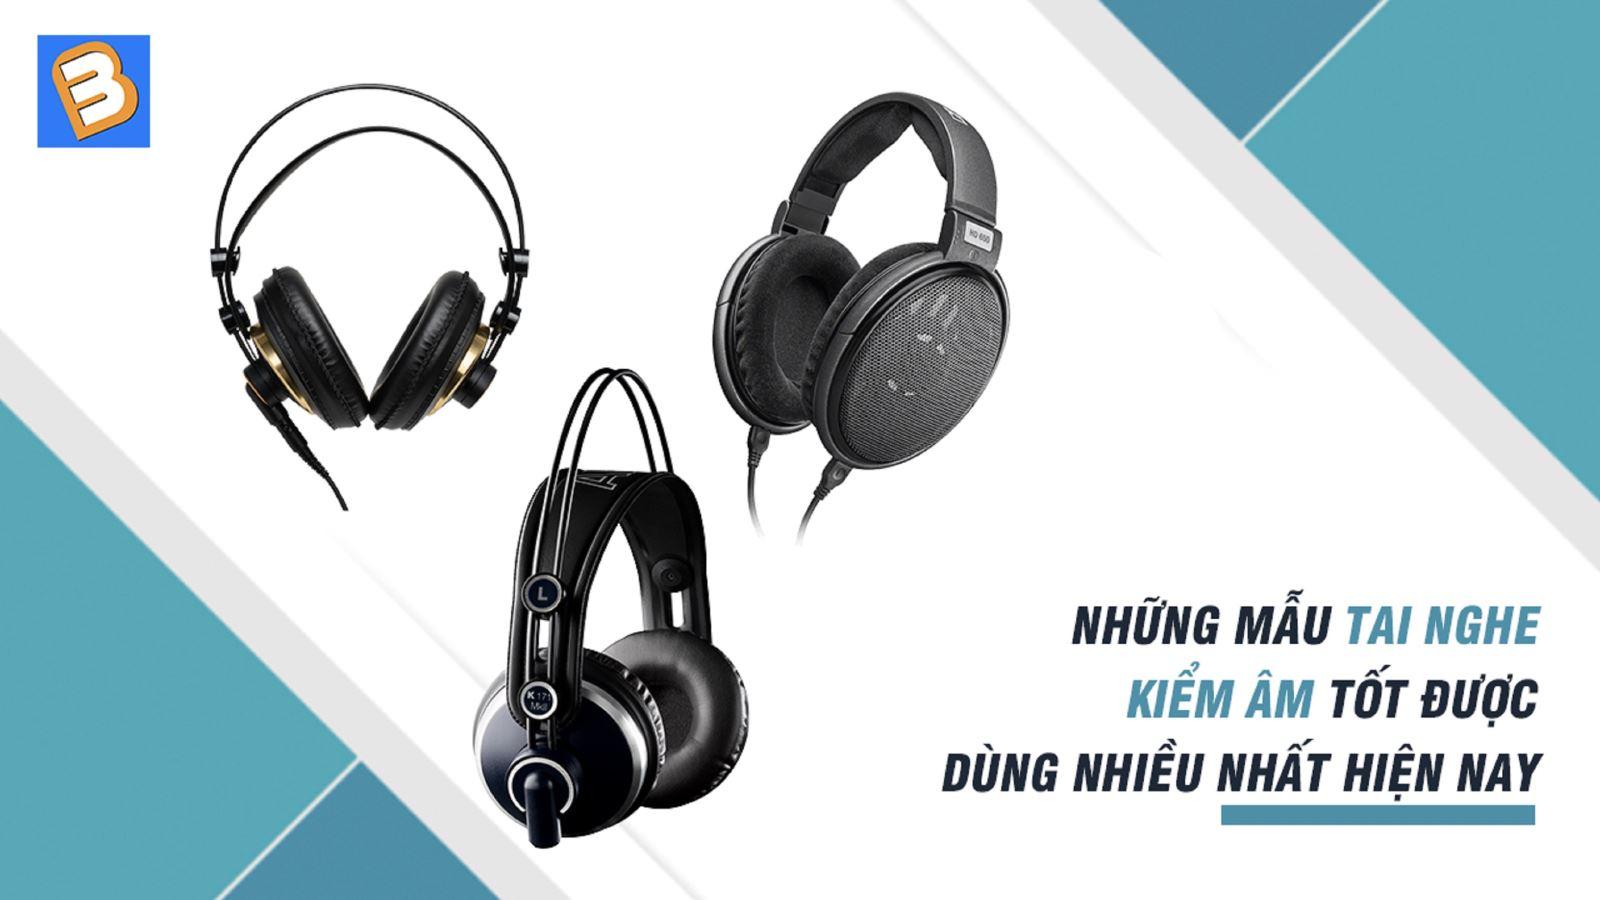 Những mẫu tai nghe kiểm âm tốt được dùng nhiều nhất hiện nay